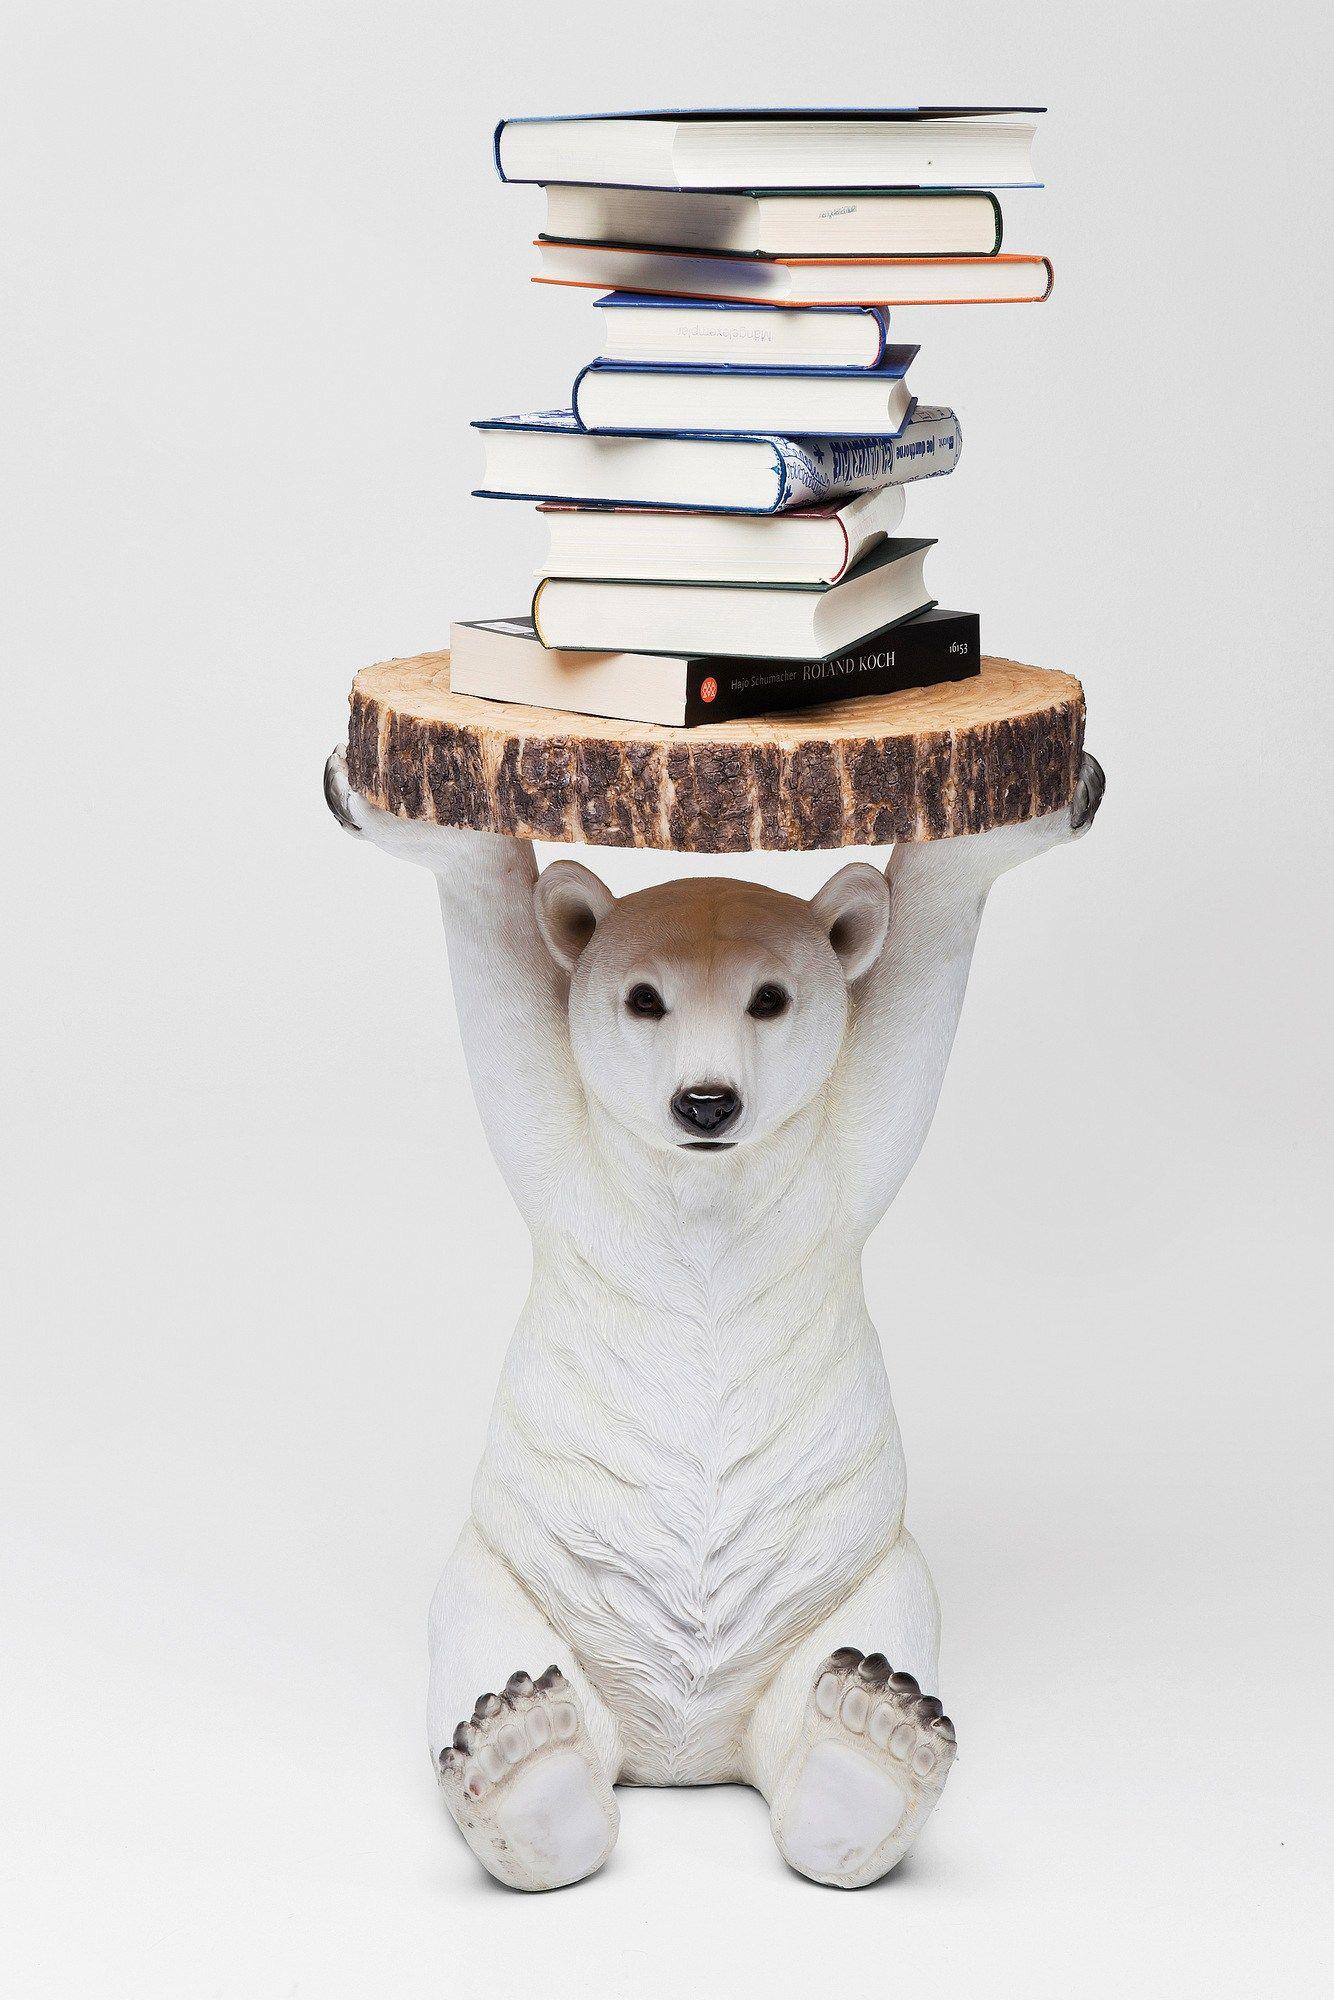 Coffee table for living room polar bear by kare design for Kare design tisch polar